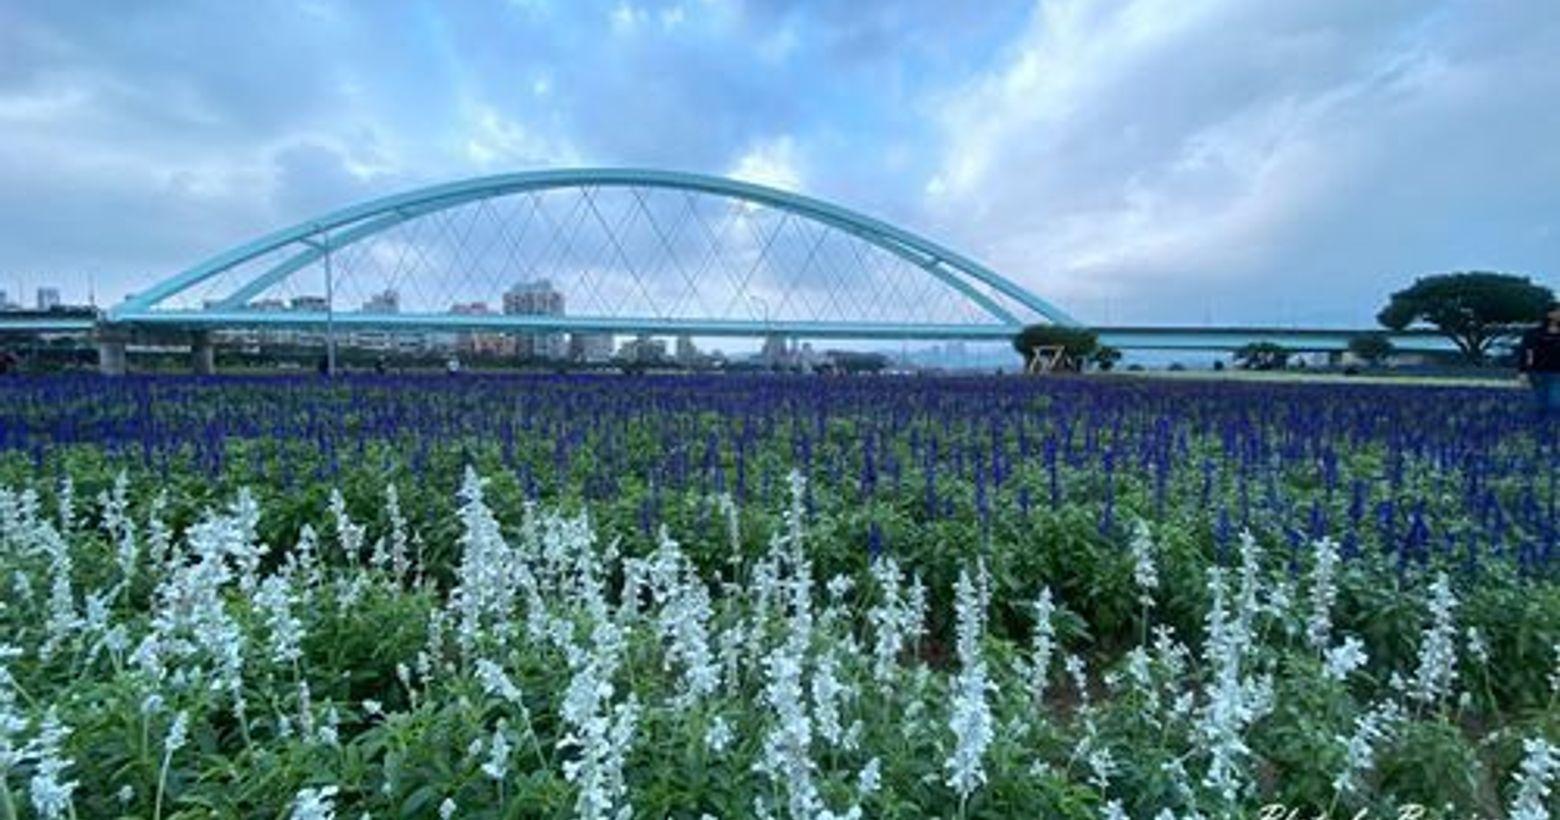 彩虹河濱花海~粉萼鼠尾草及天使花交織成迷人紫白花海花